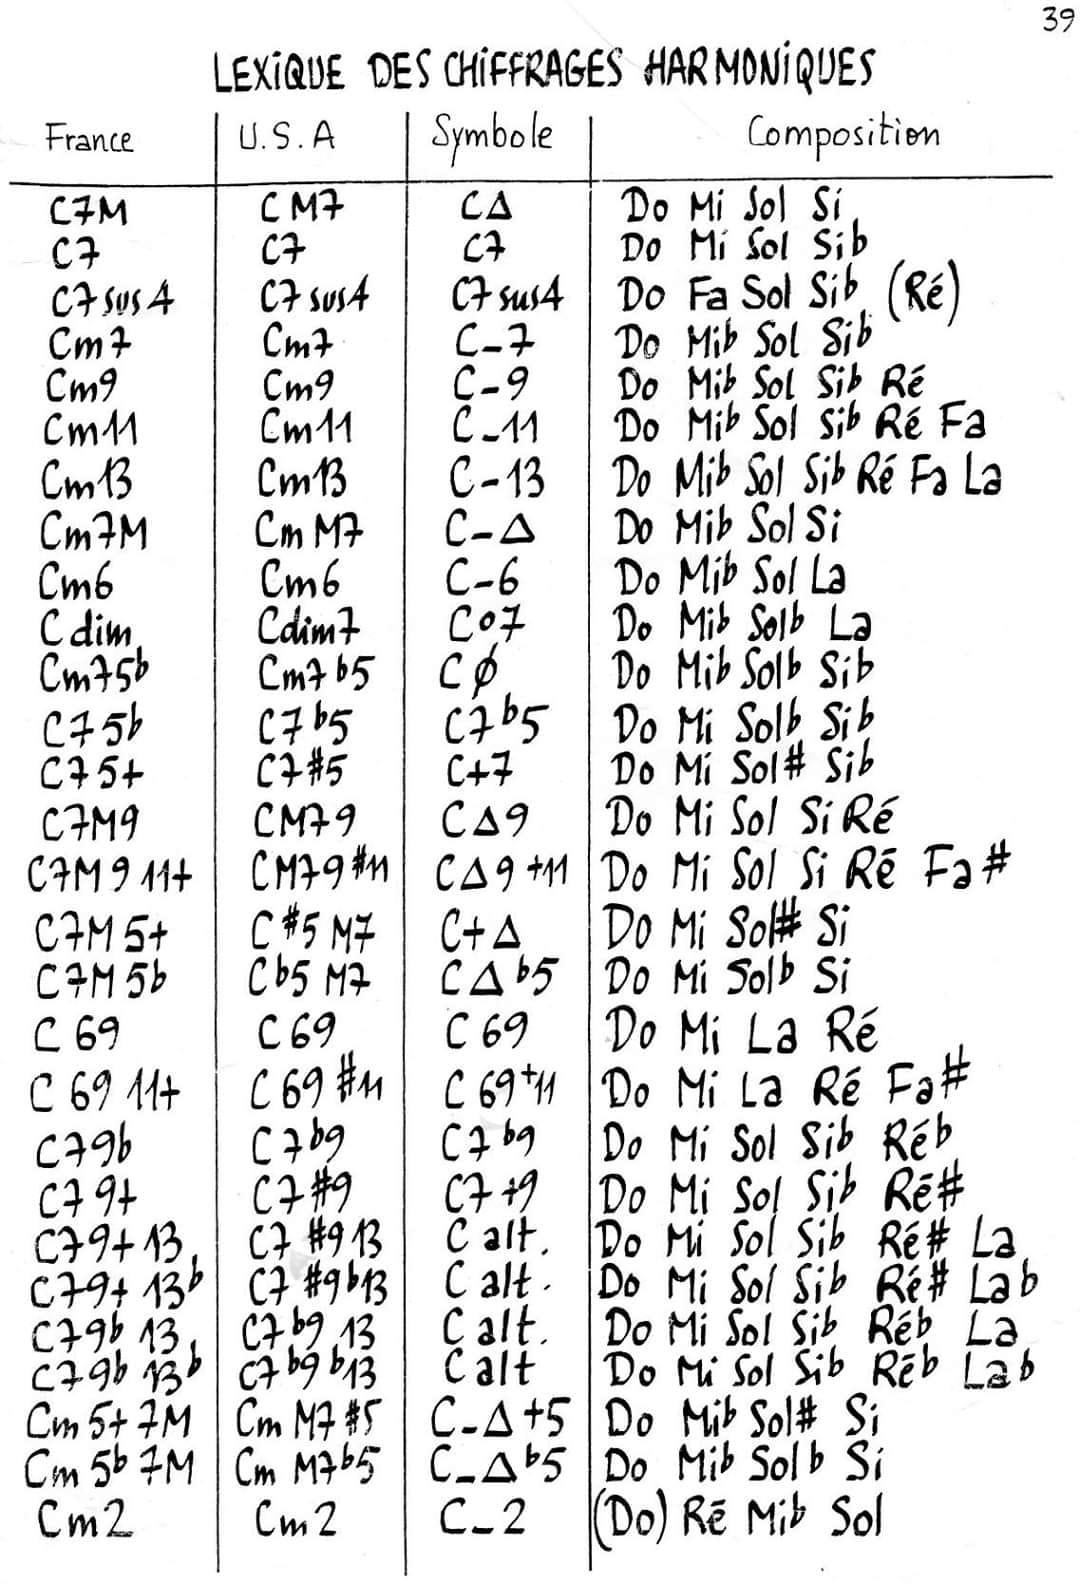 Lexique des chiffrages harmoniques